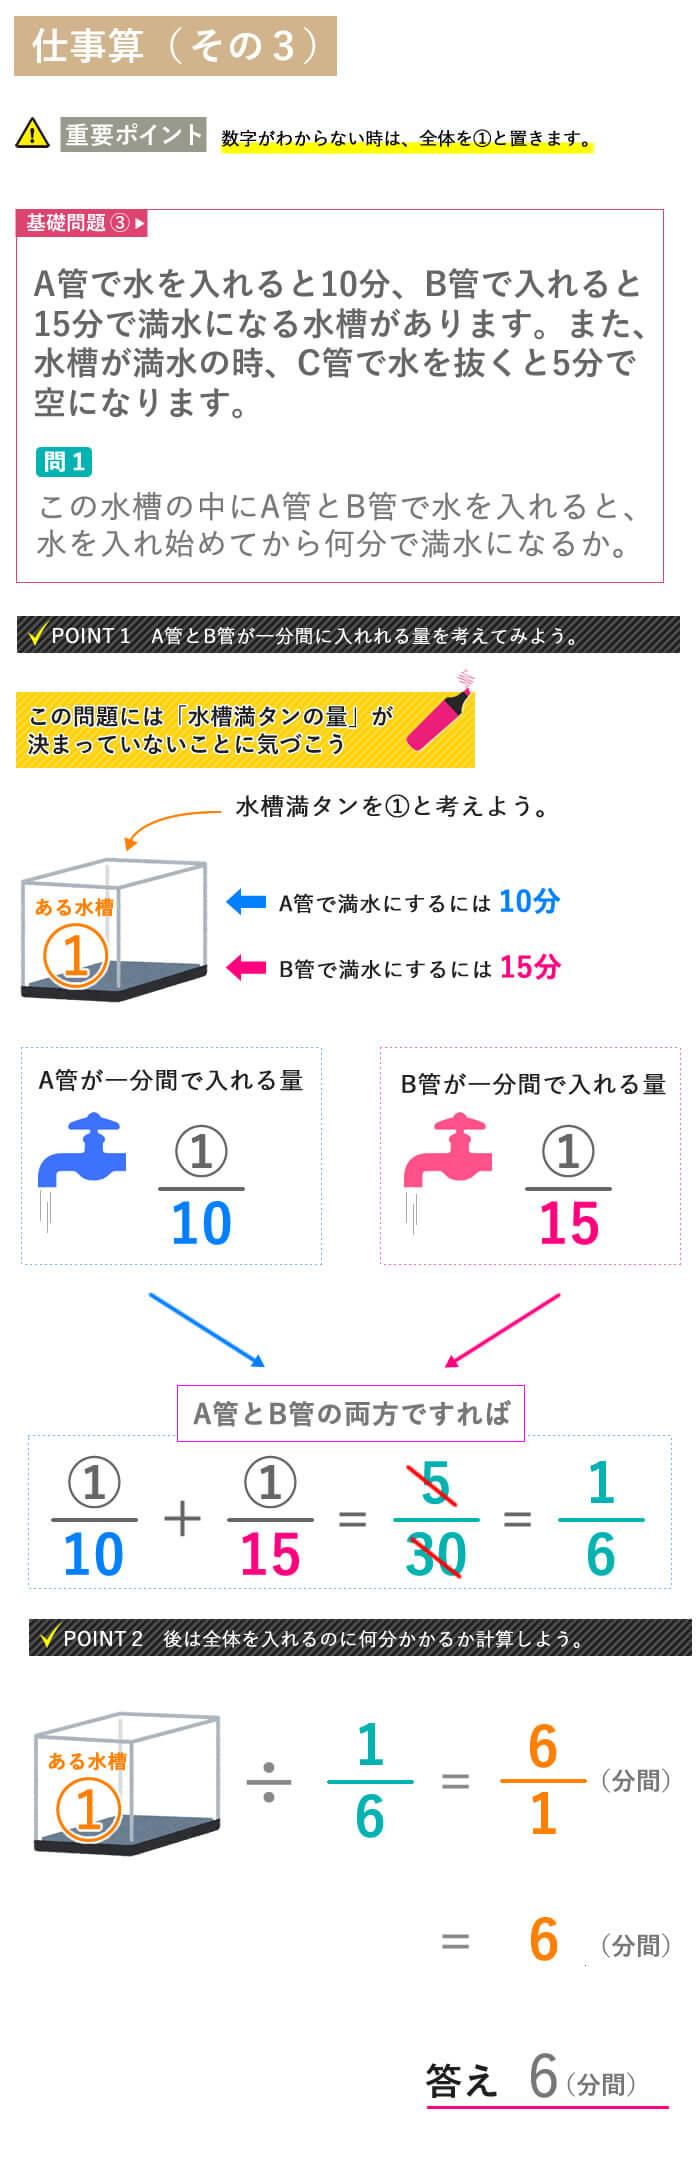 看護予備校大阪KAZアカデミーの看護数学【仕事算 図解説明その3】